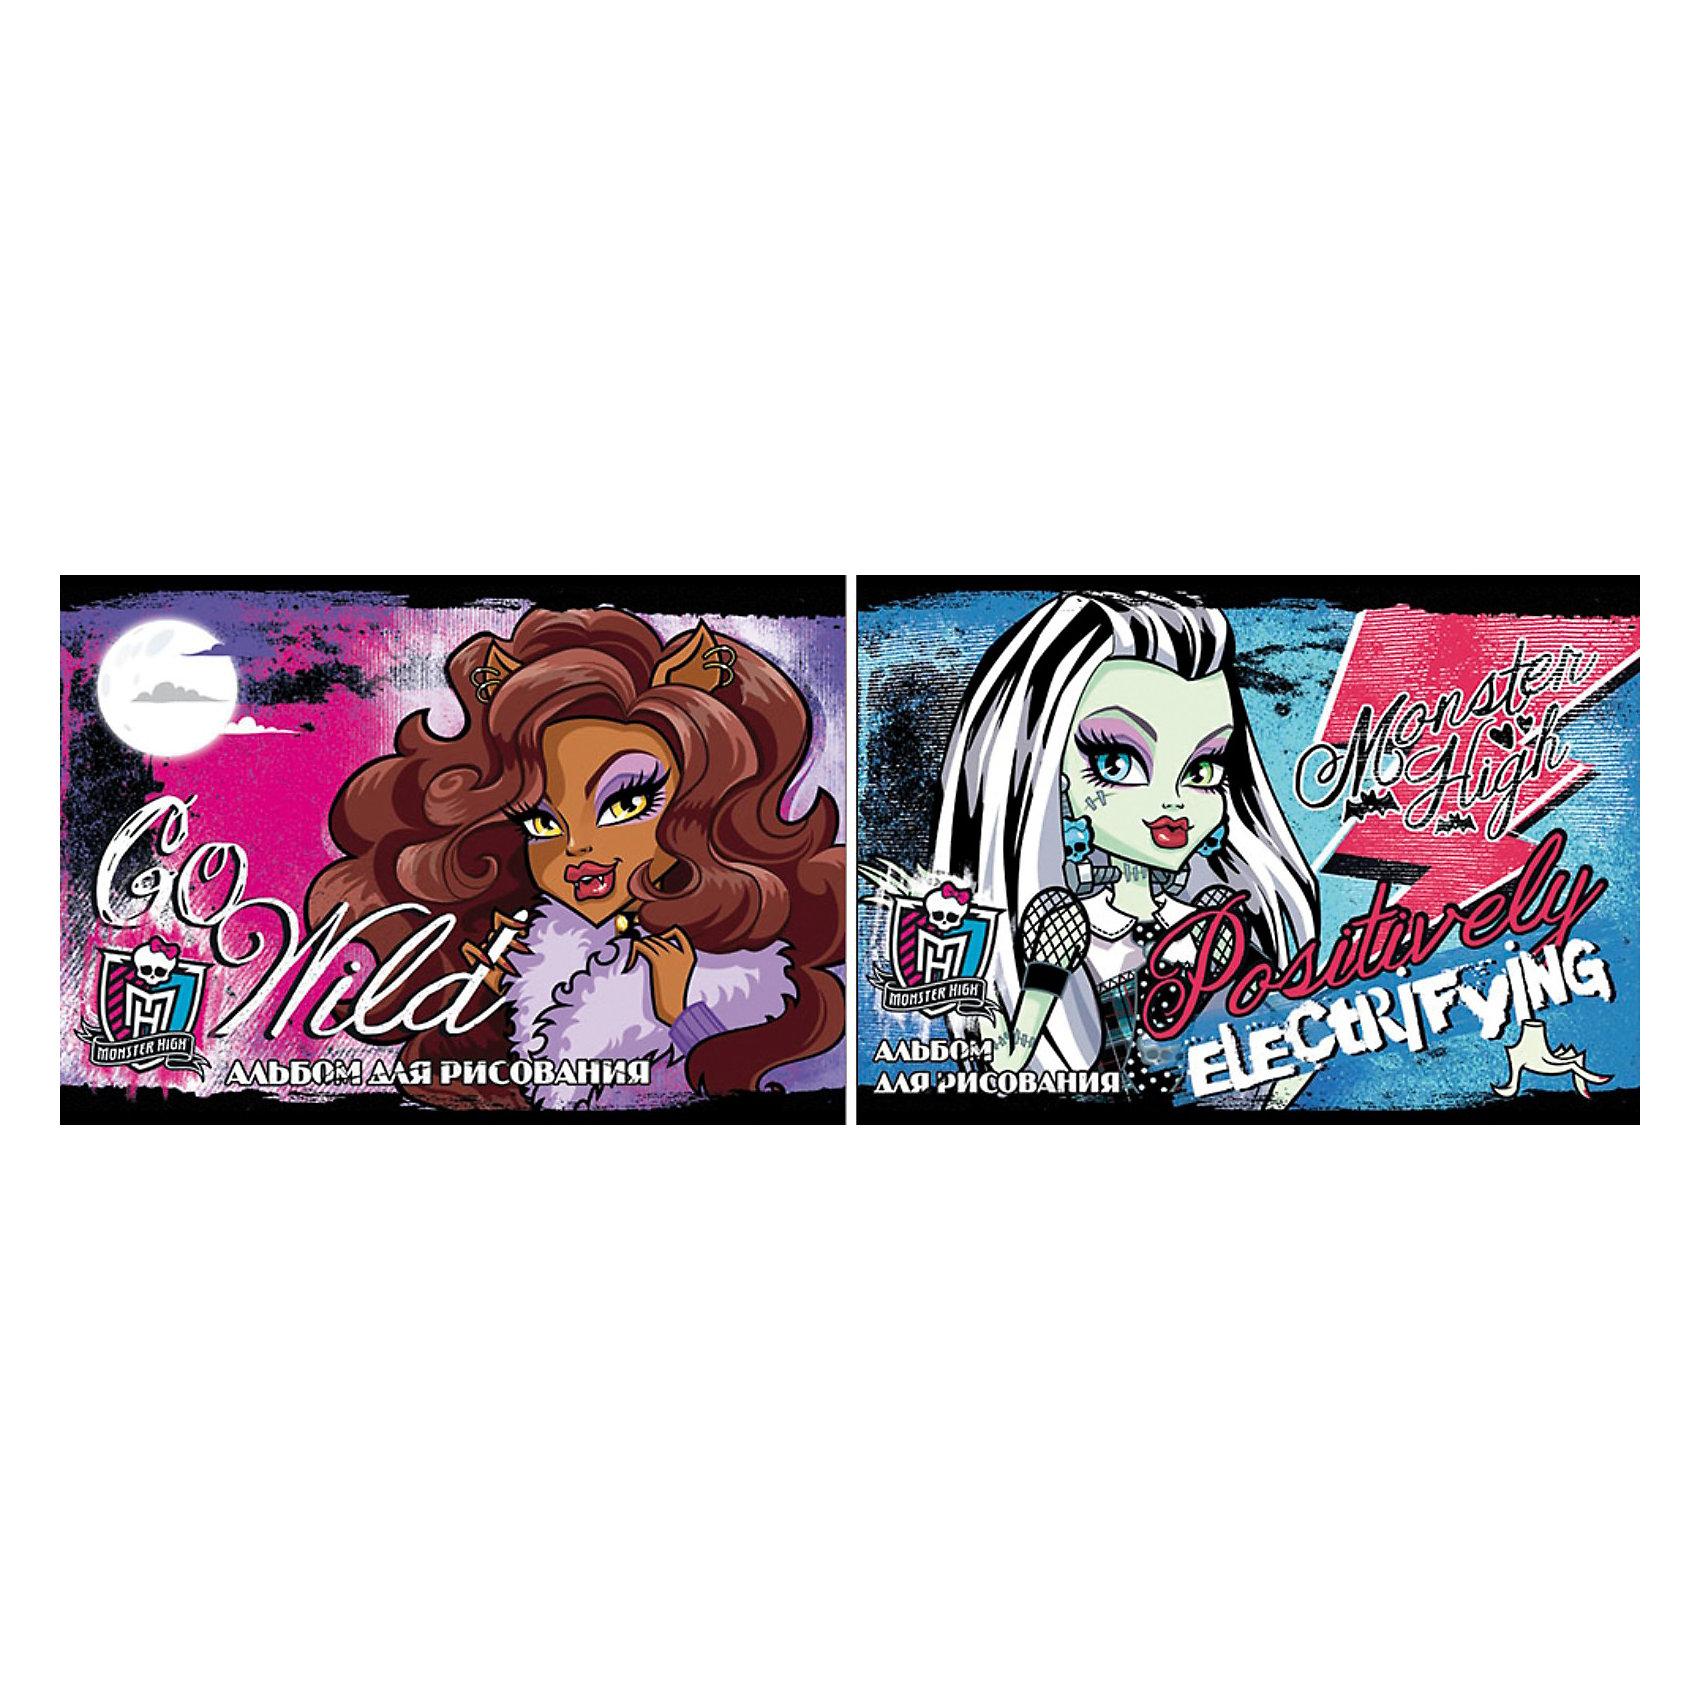 Академия групп Альбом для рисования, 40 листов, Monster High набор для рисования monster high с фломастерами